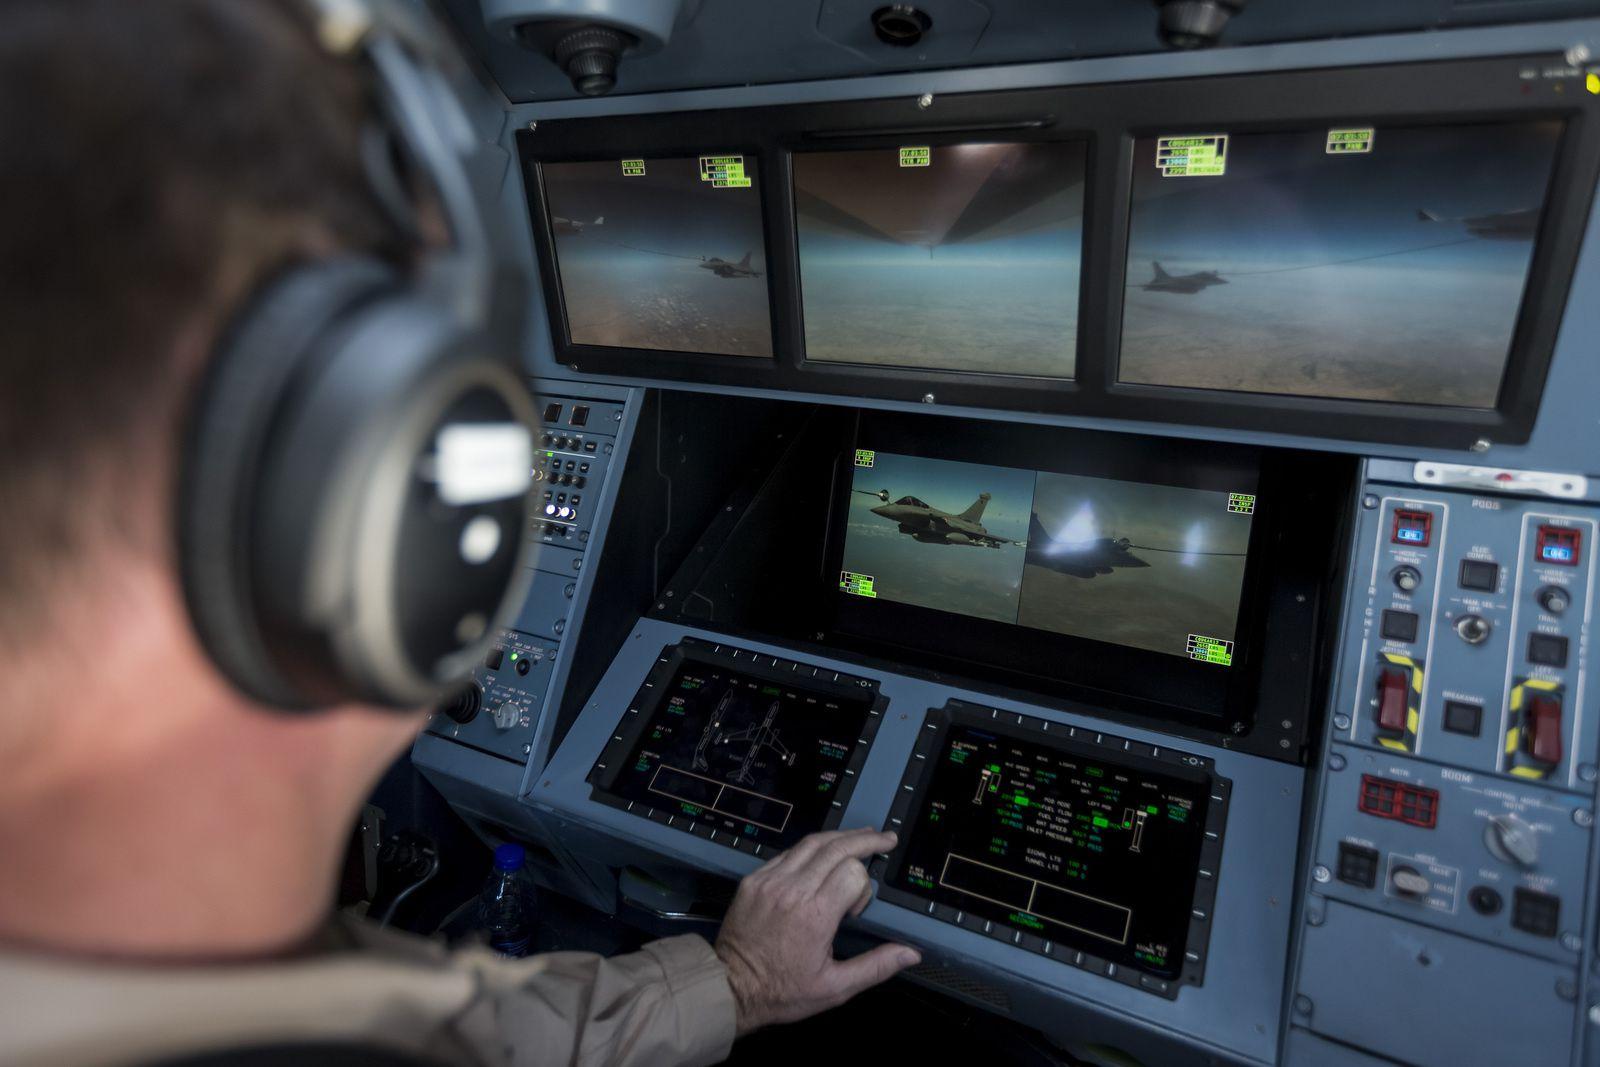 © RAAF - Un opérateur de ravitaillement en vol de MRTT australien contrôle le ravitaillement en vol d'un Rafale au-dessus de l'Irak.